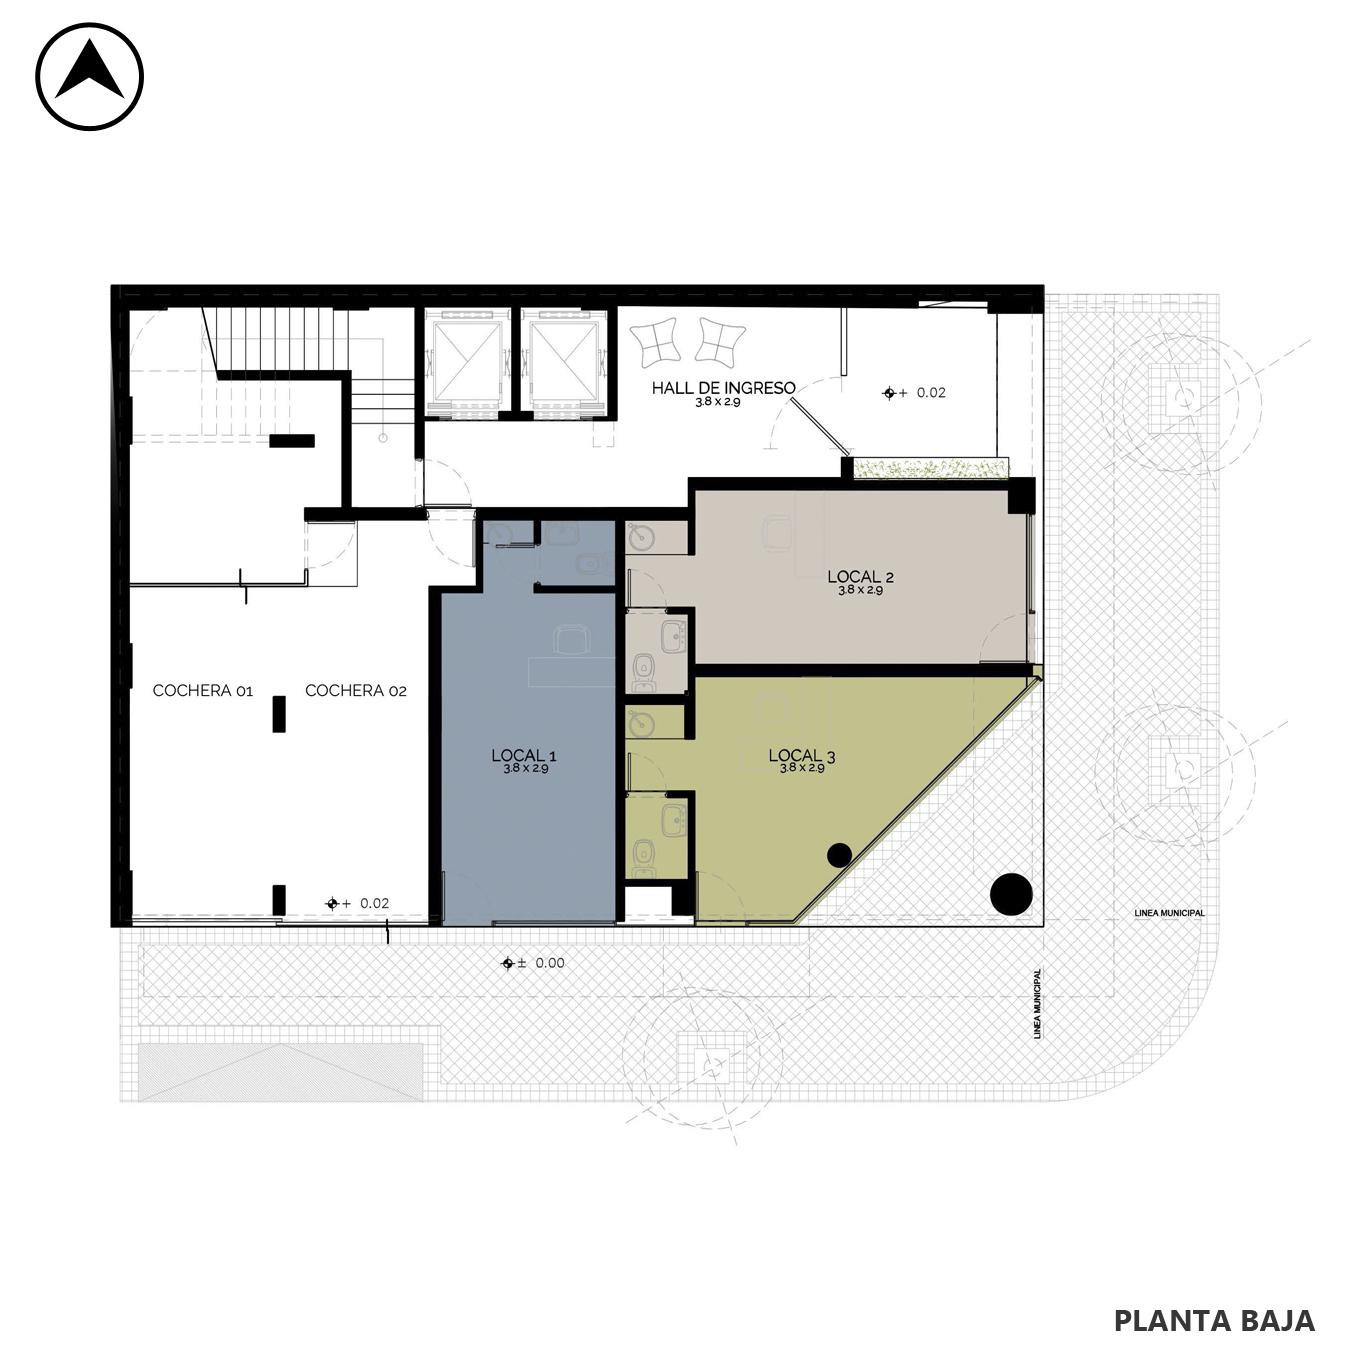 Venta departamento 1 dormitorio Rosario, República De La Sexta. Cod CBU24834 AP2314012. Crestale Propiedades